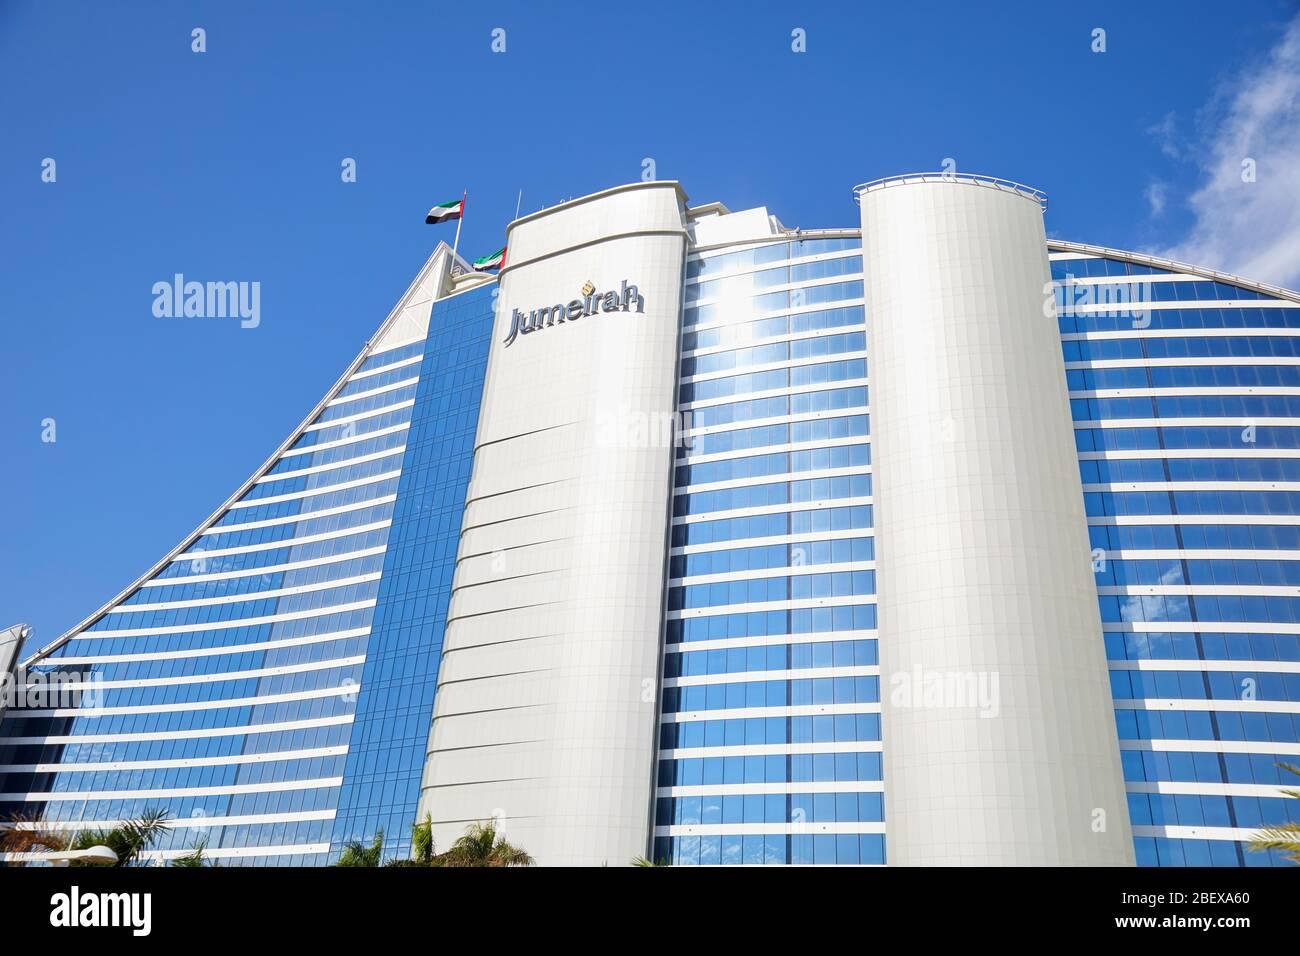 Dubai, EMIRATS ARABES UNIS - 23 NOVEMBRE 2019: Jumeirah Beach hôtel de luxe vue à angle bas dans une journée ensoleillée, ciel bleu à Dubaï Banque D'Images